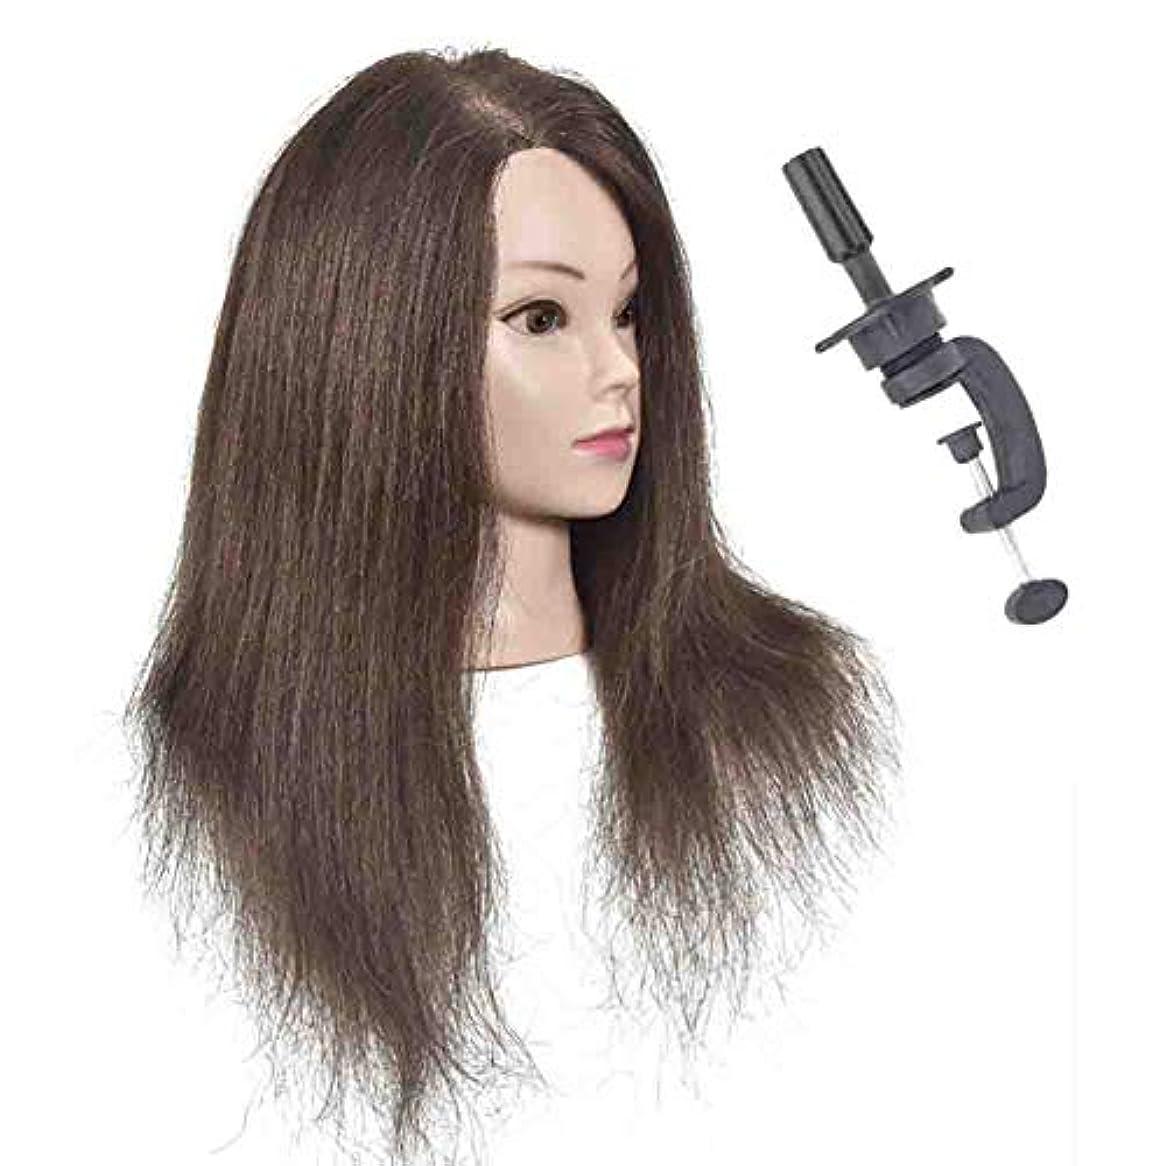 シェード死んでいるサーバリアルヘアワイヤーヘアティーチングヘッドパーマヘアウィービングヘアモデルヘアダイイング理髪ダミーヘッドモデル